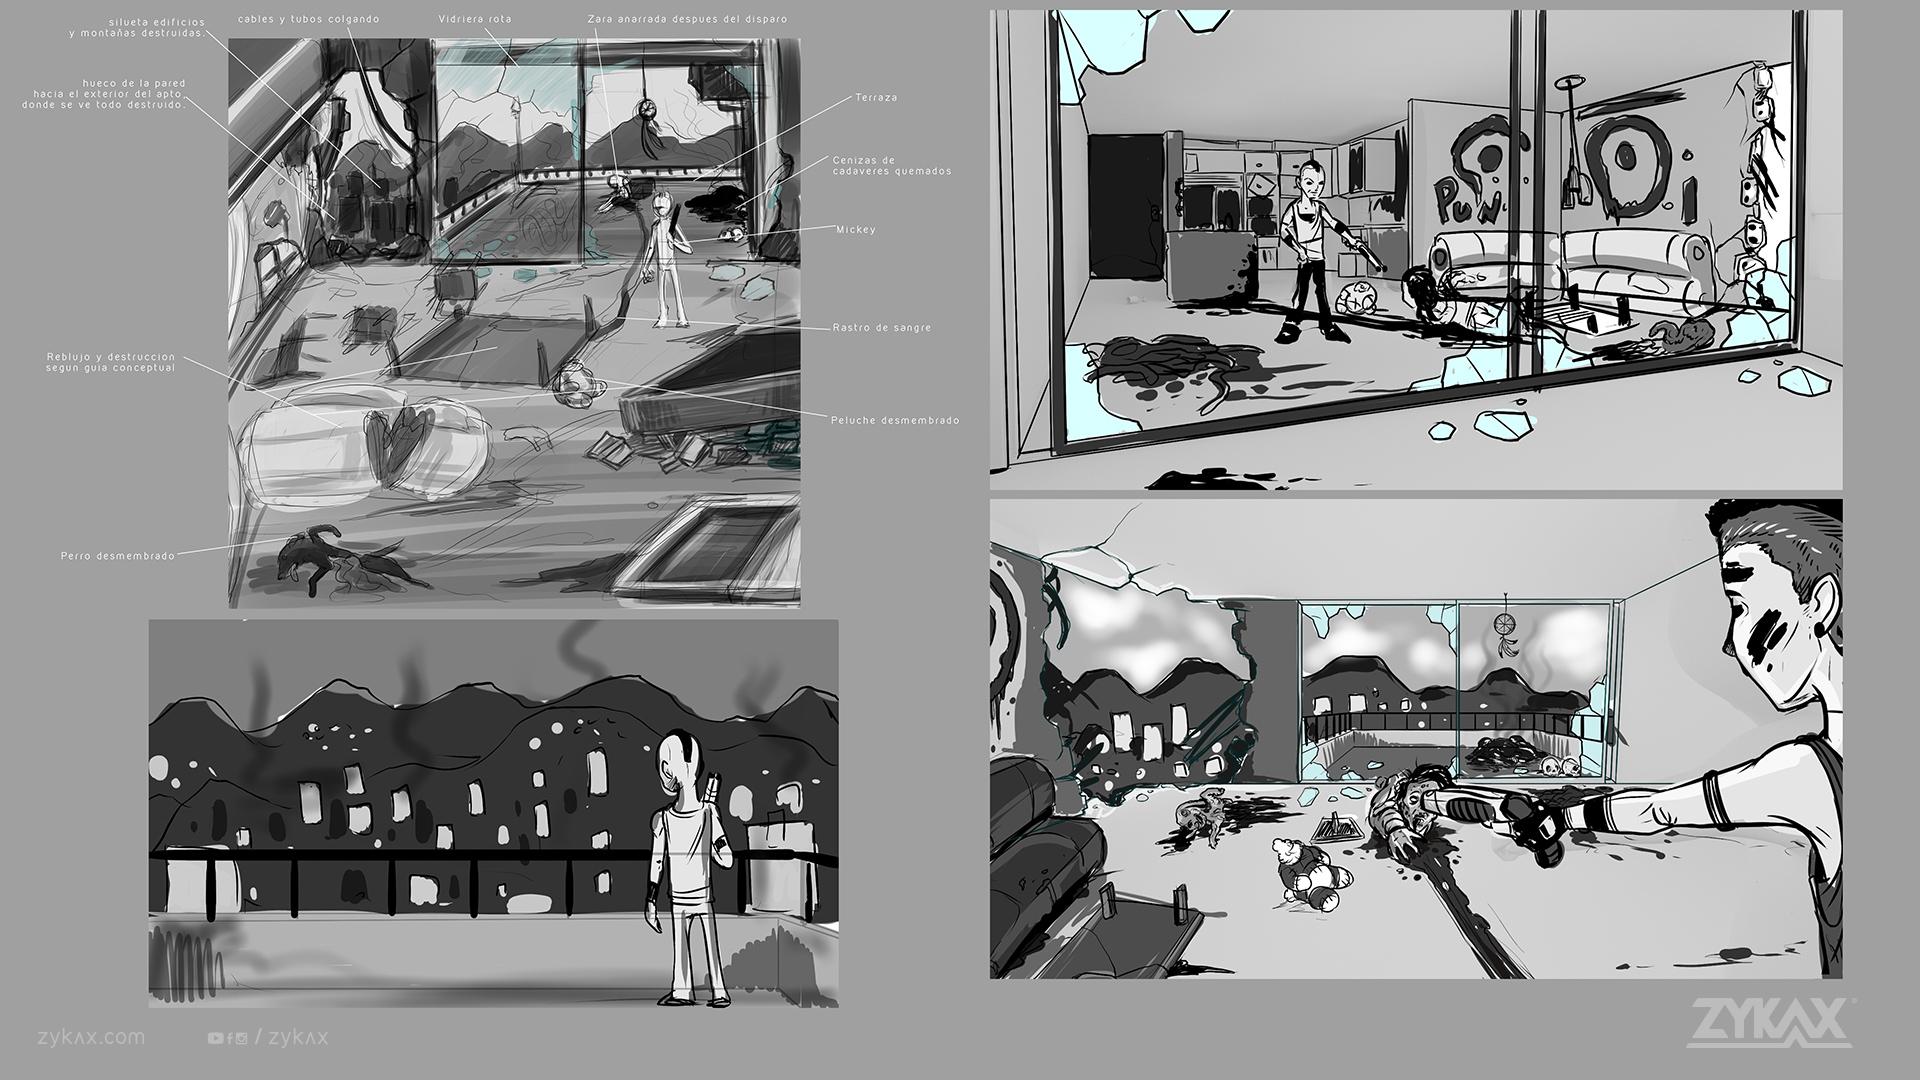 zykax servicios de animacion cortometraje rebirth 6